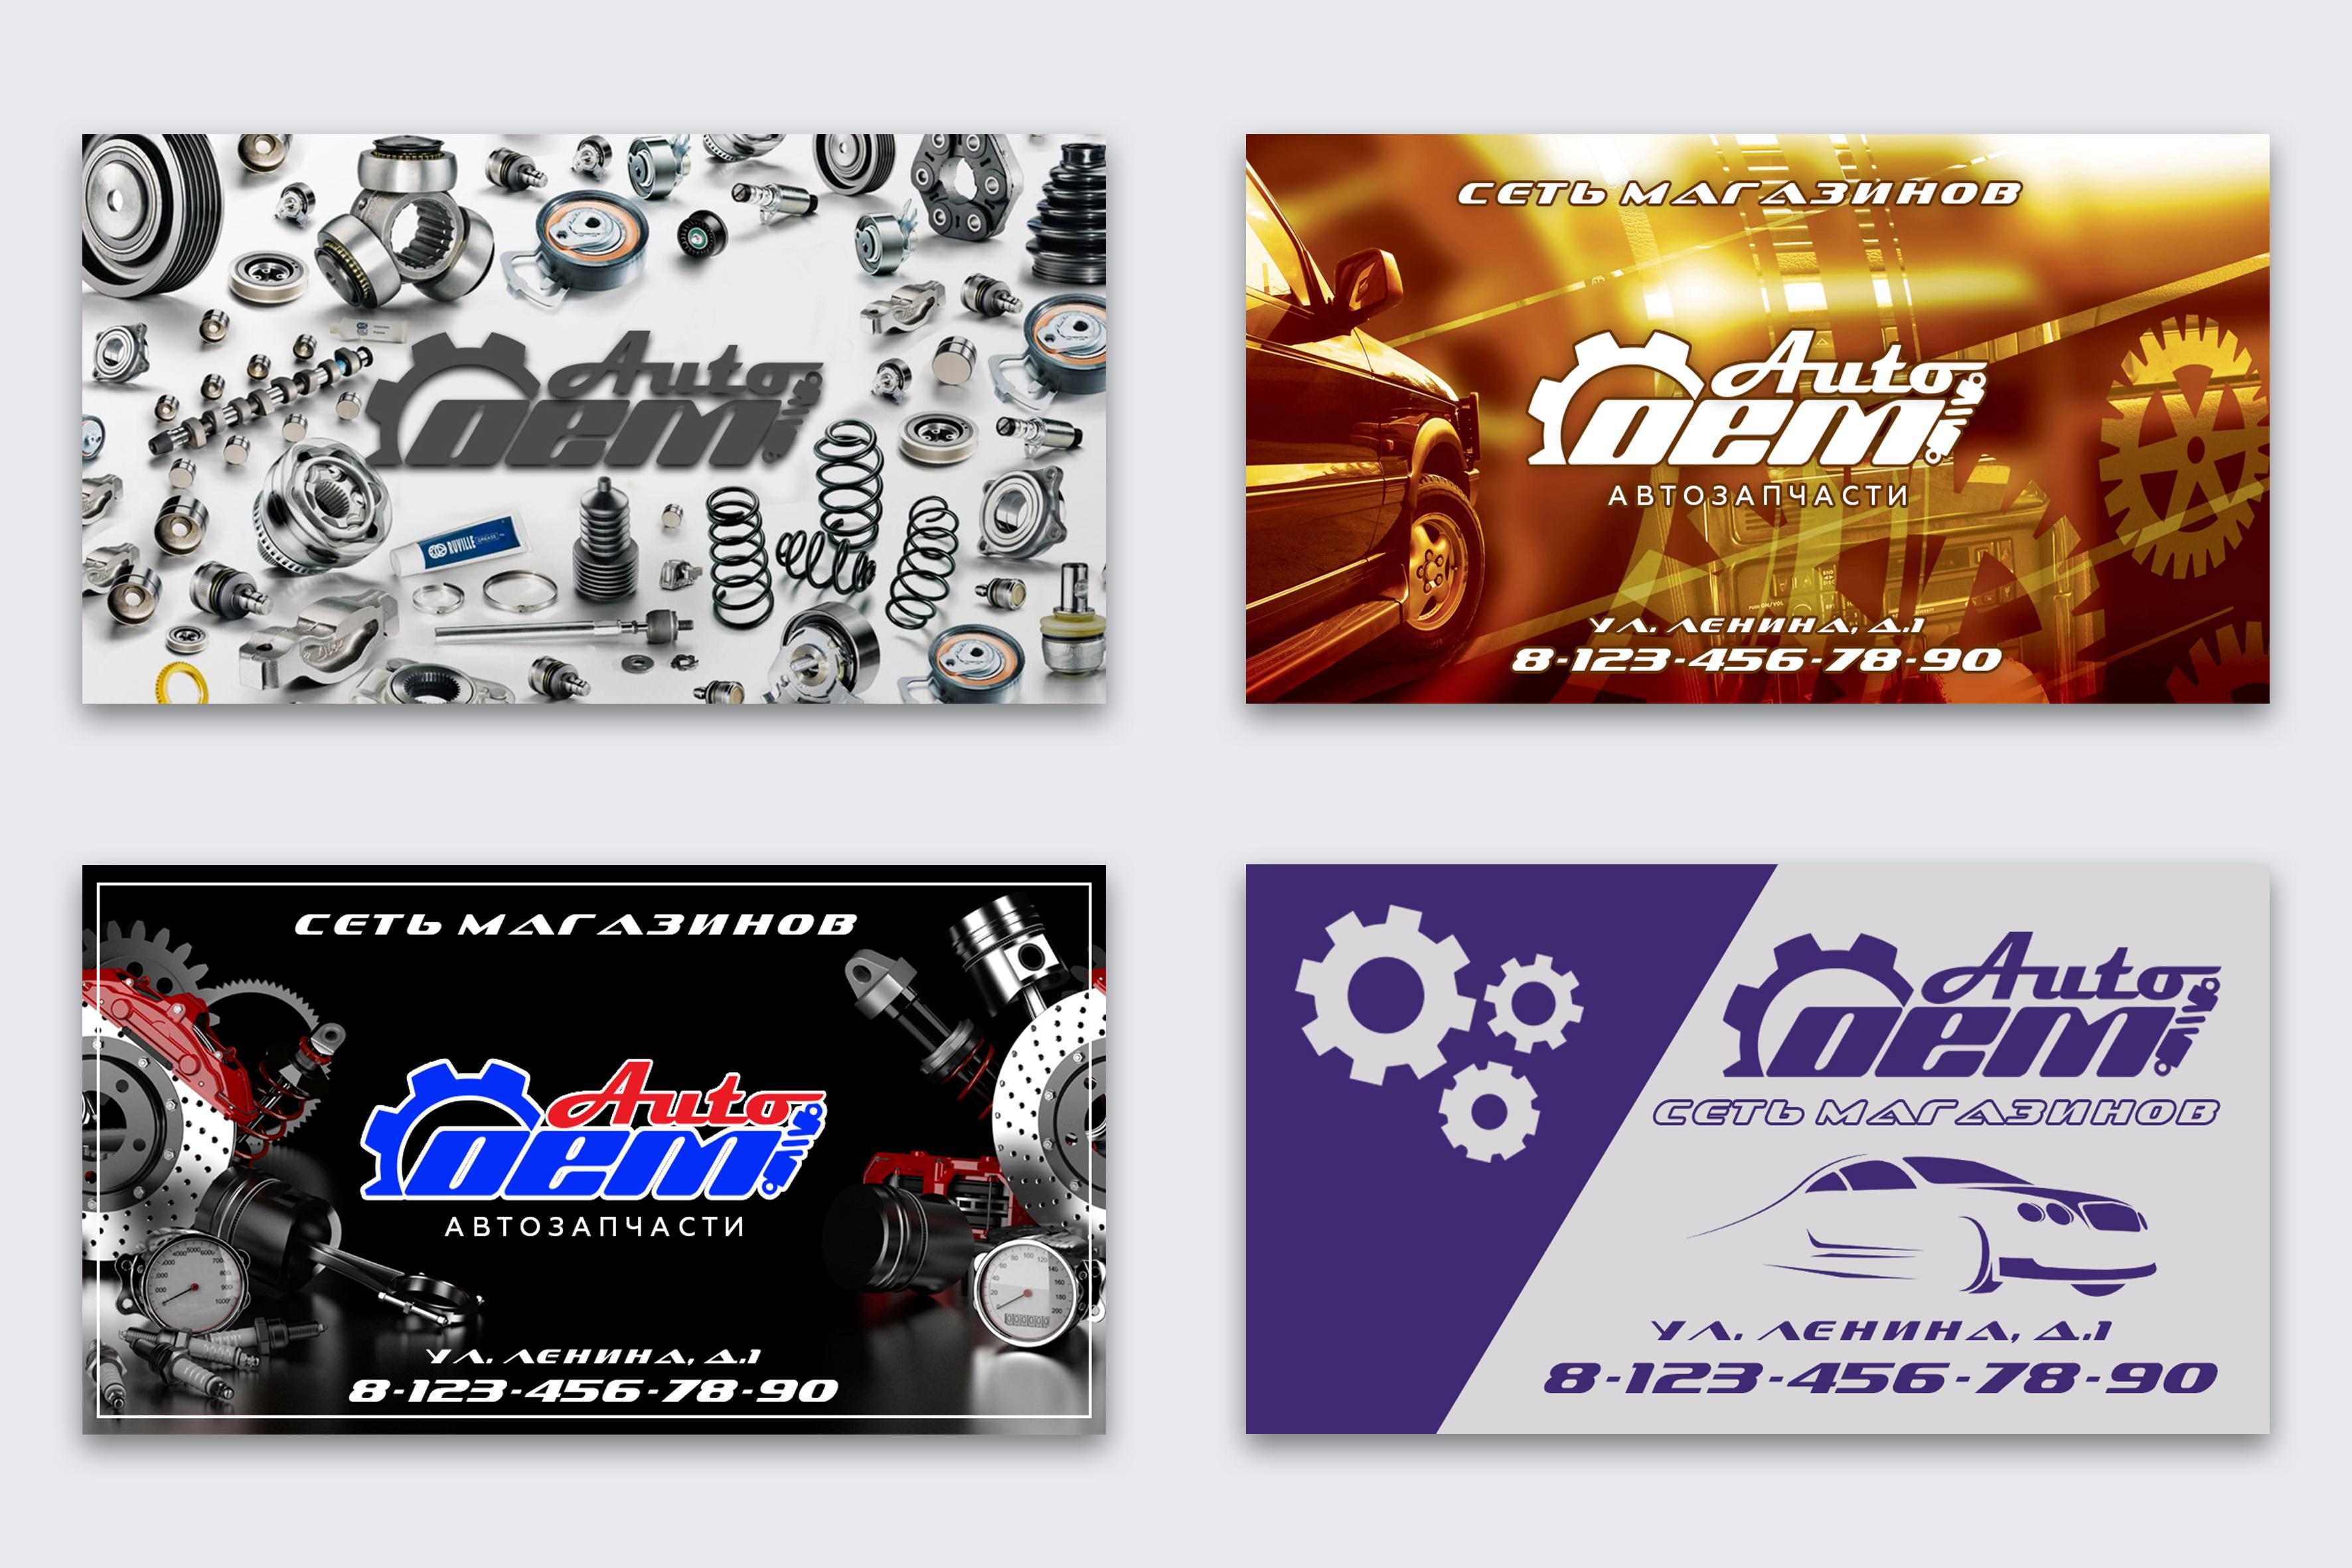 Разработать логотип и дизайн визитки  фото f_4745b6ff6a5e8057.jpg